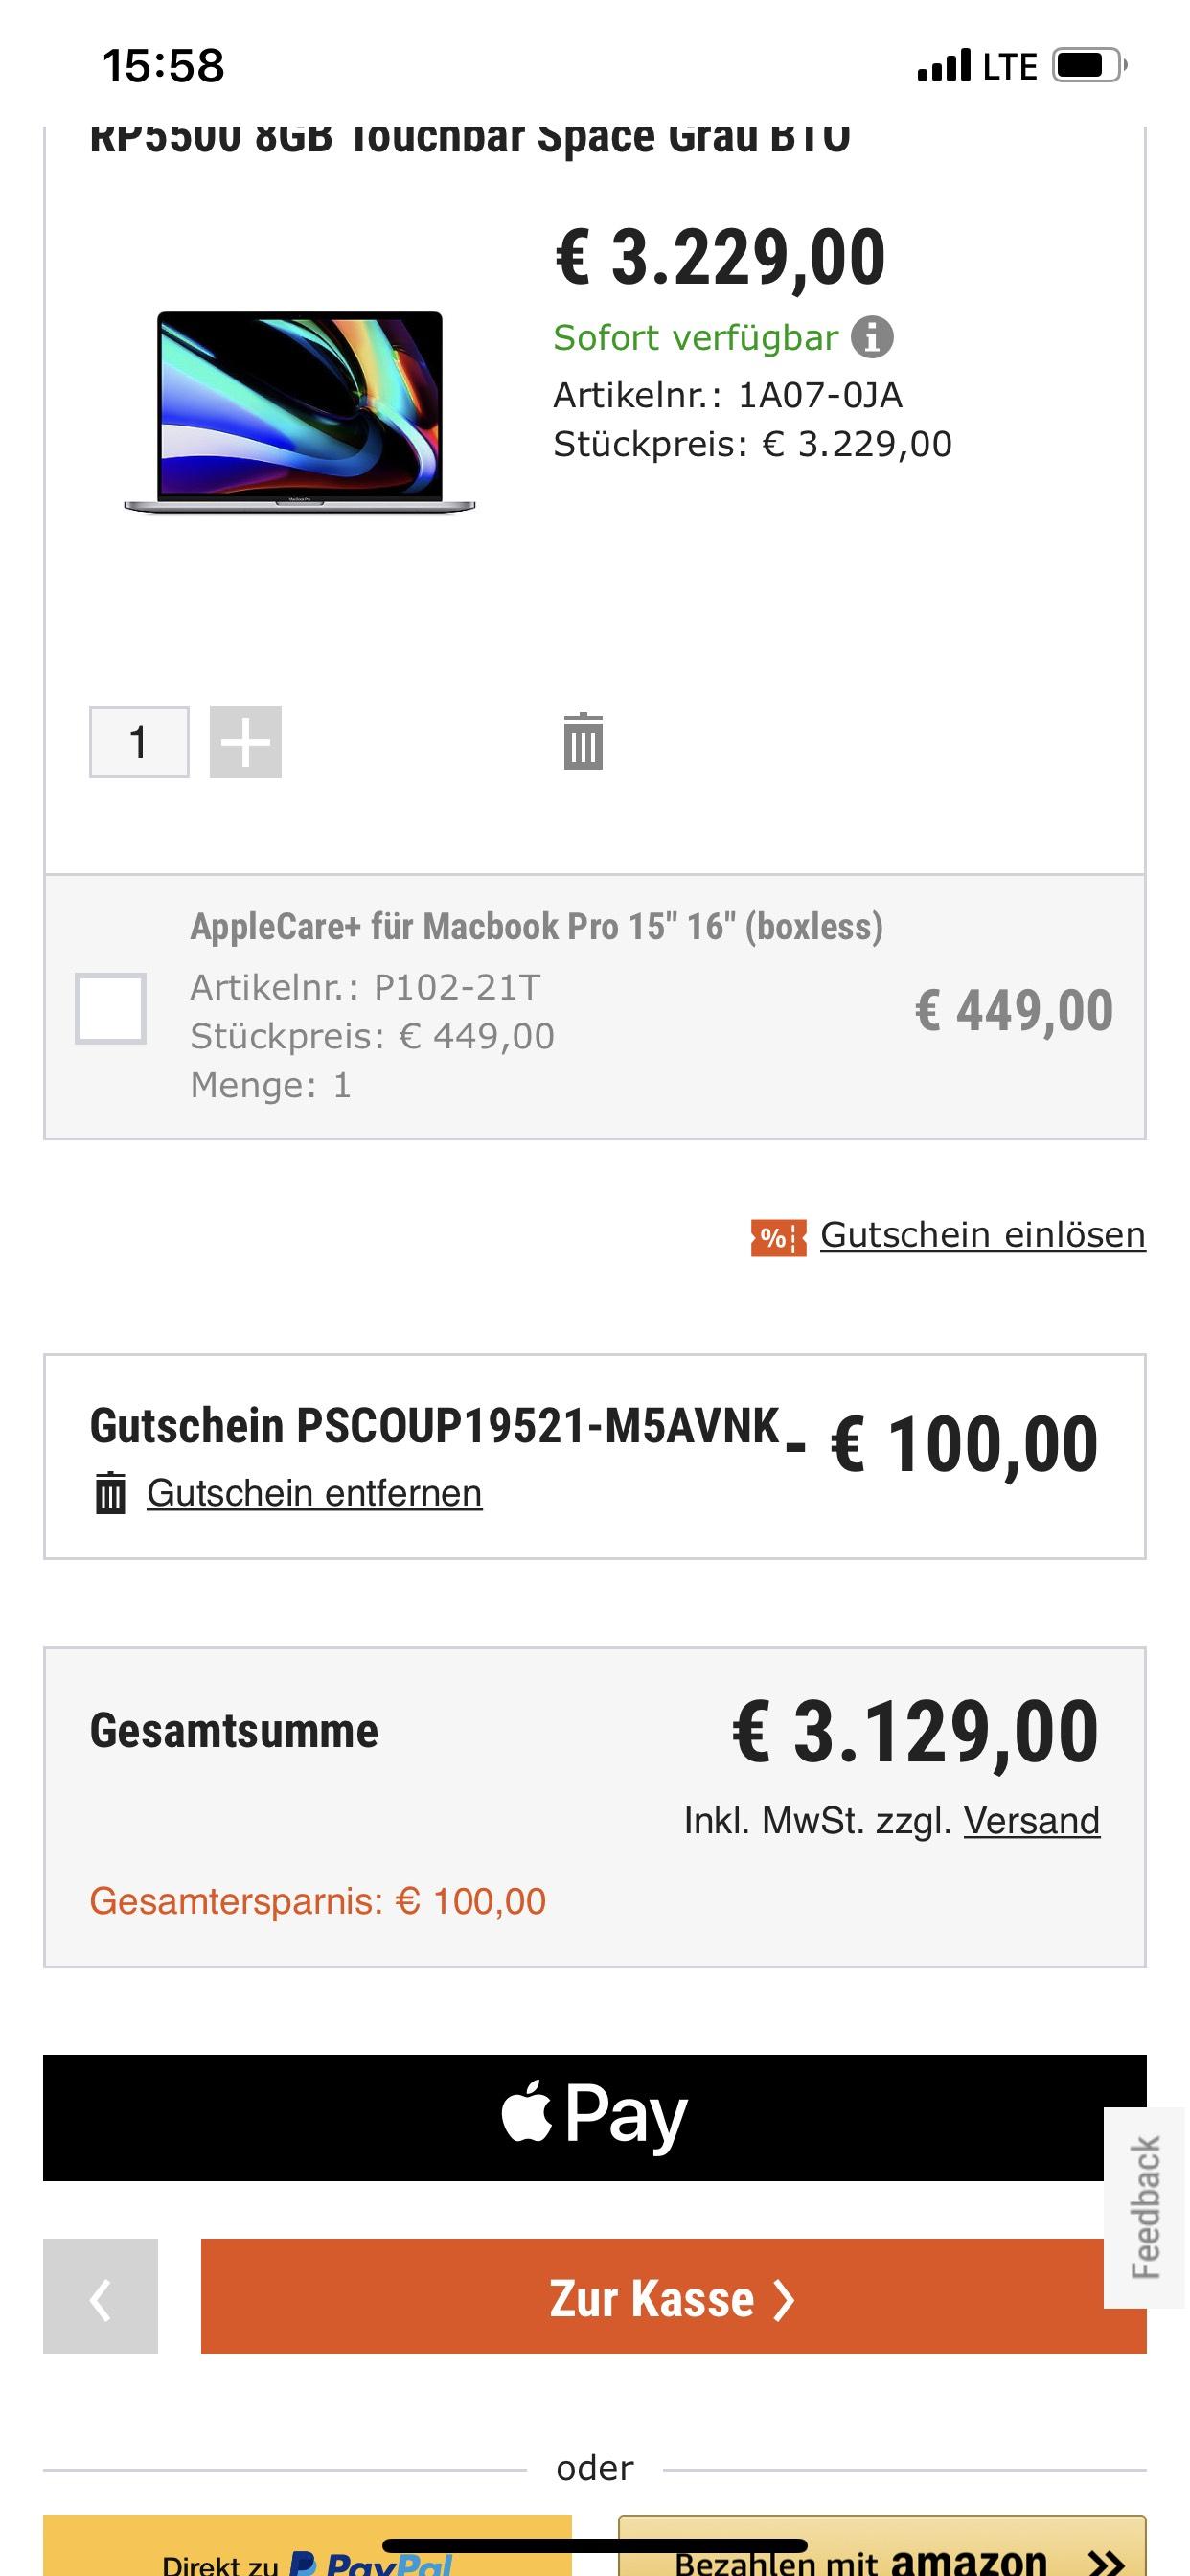 cyberport gutschein 100 euro auf macbook pro 16. Black Bedroom Furniture Sets. Home Design Ideas